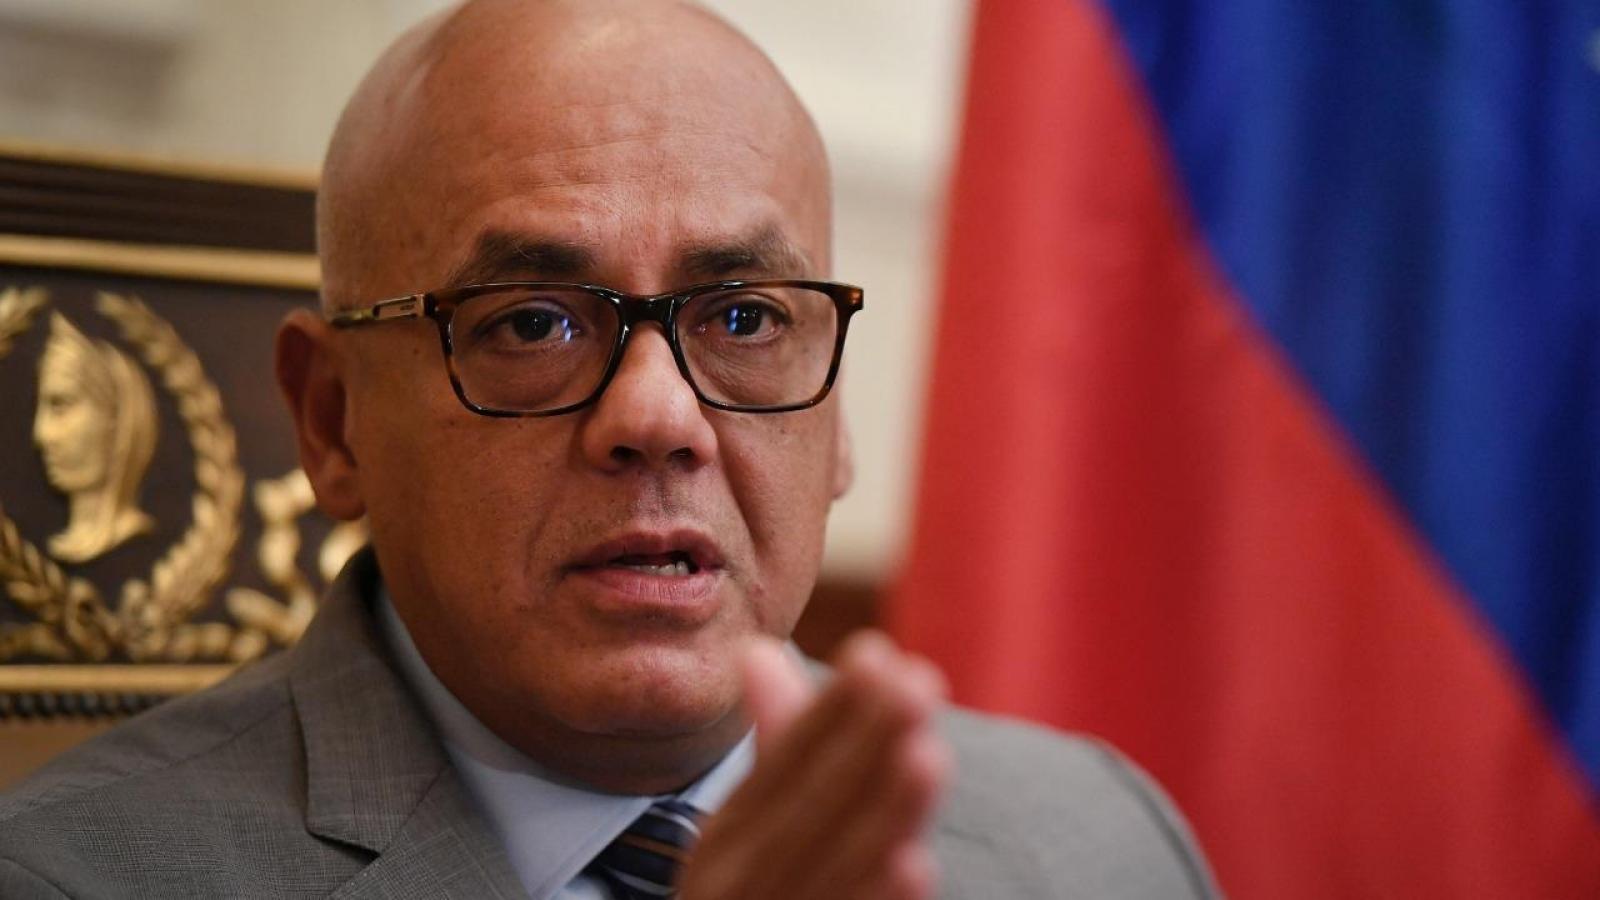 """Venezuela đứng trước cơ hội """"có một không hai"""" để chấm dứt khủng hoảng kéo dài"""